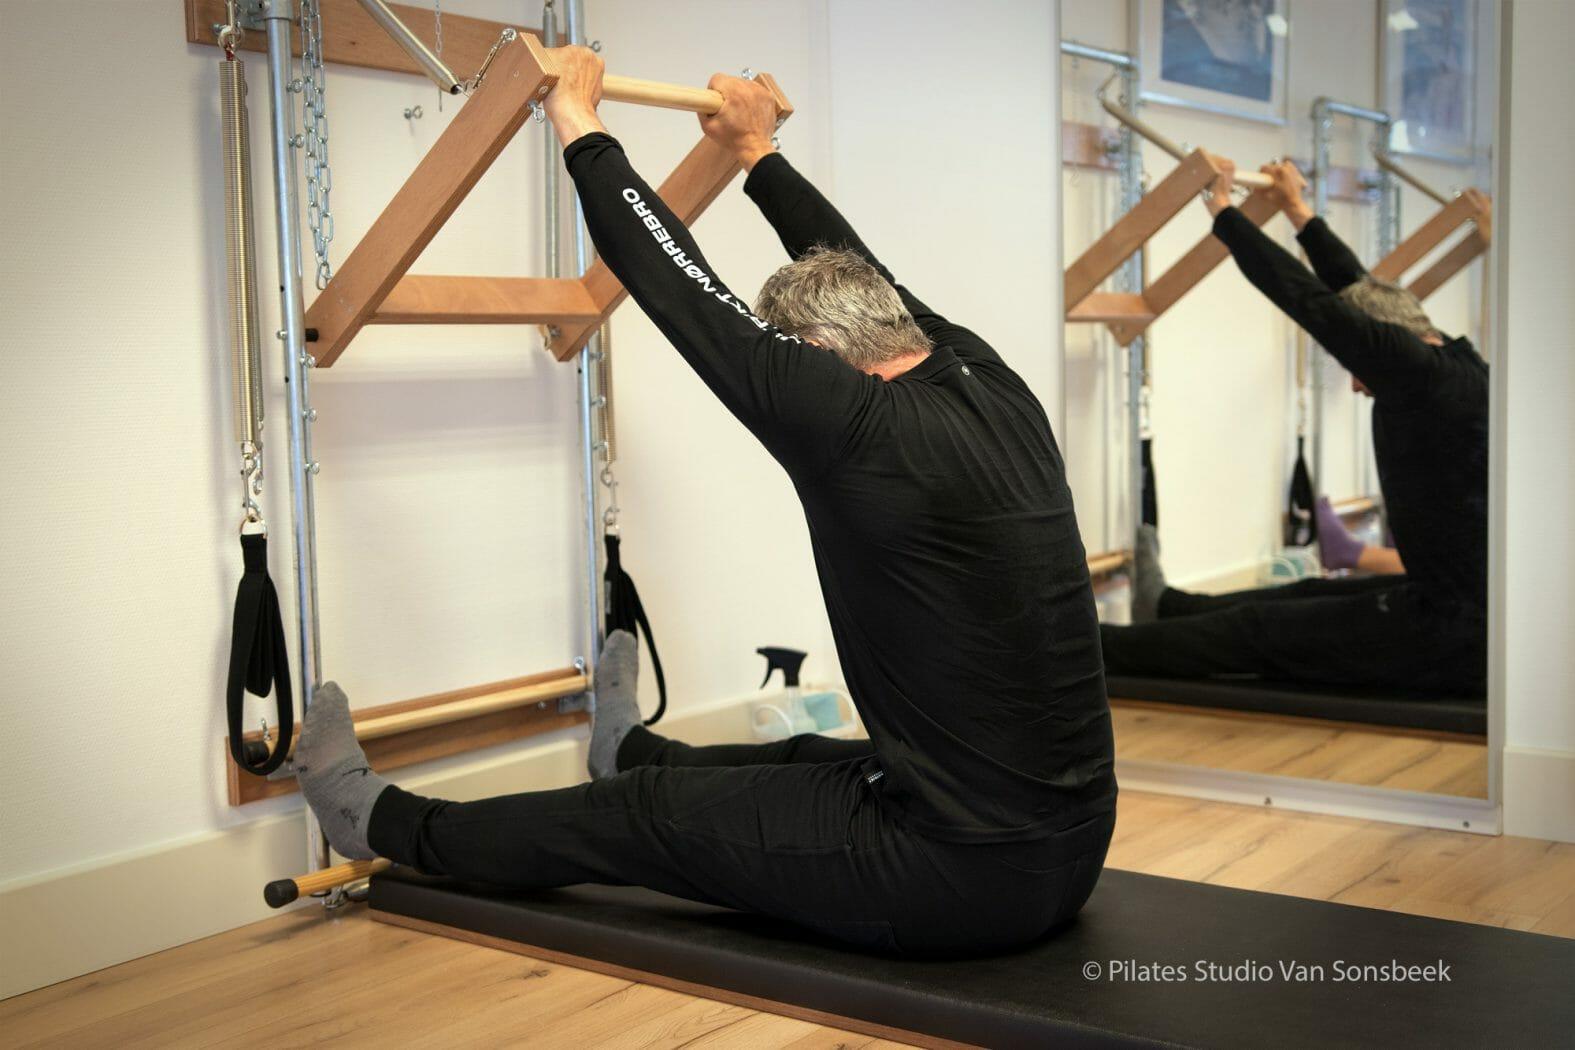 De oefening Push Through Long is een verrukkelijke oefening die leert met de armen vanuit de rug te werken  , diep in de buik te scoopen en intens met oppositie te stretchen